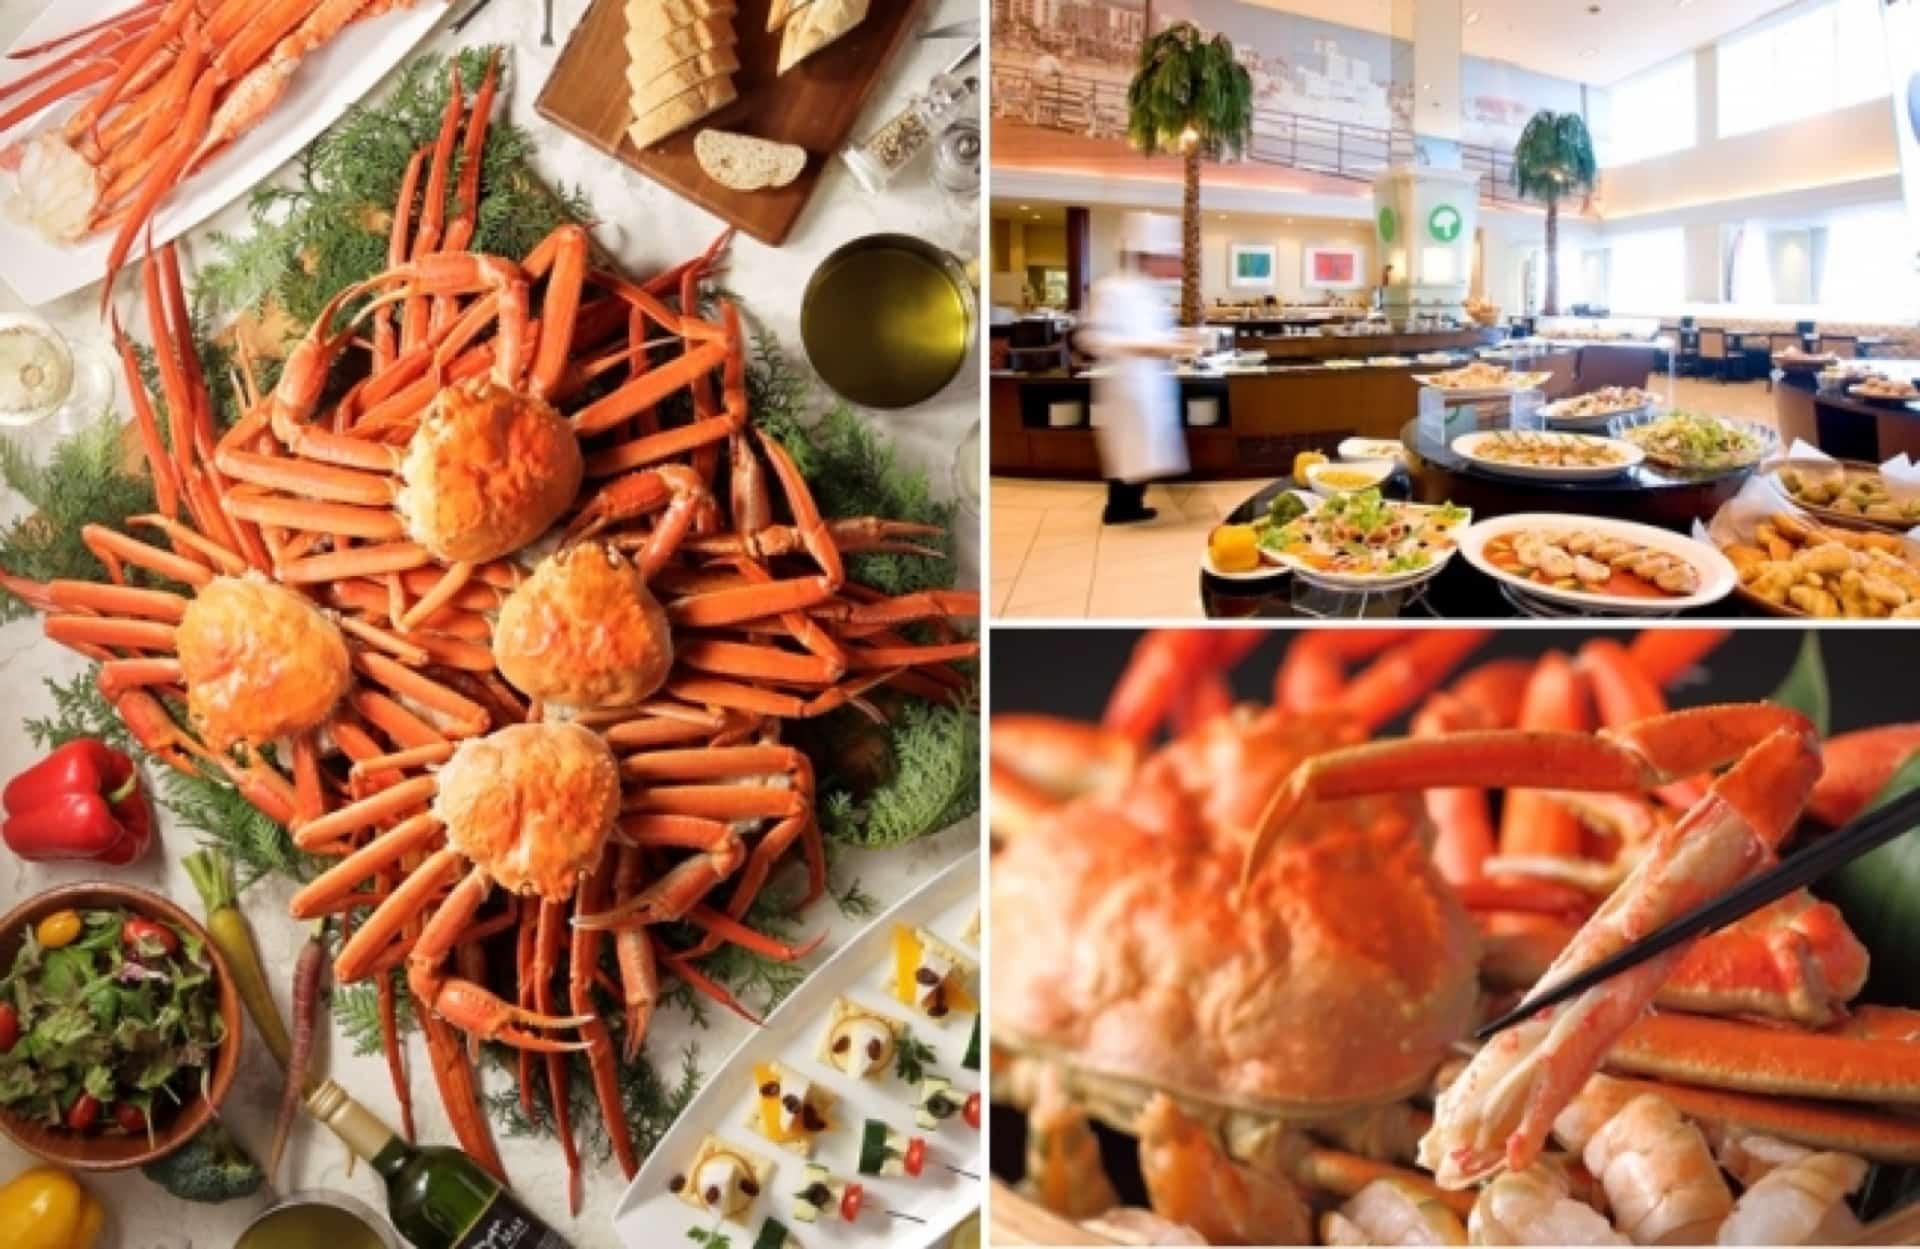 2019年も開催!神戸メリケンパークオリエンタルホテルでかに食べ放題!期間限定で蒸し蟹を好きなだけ